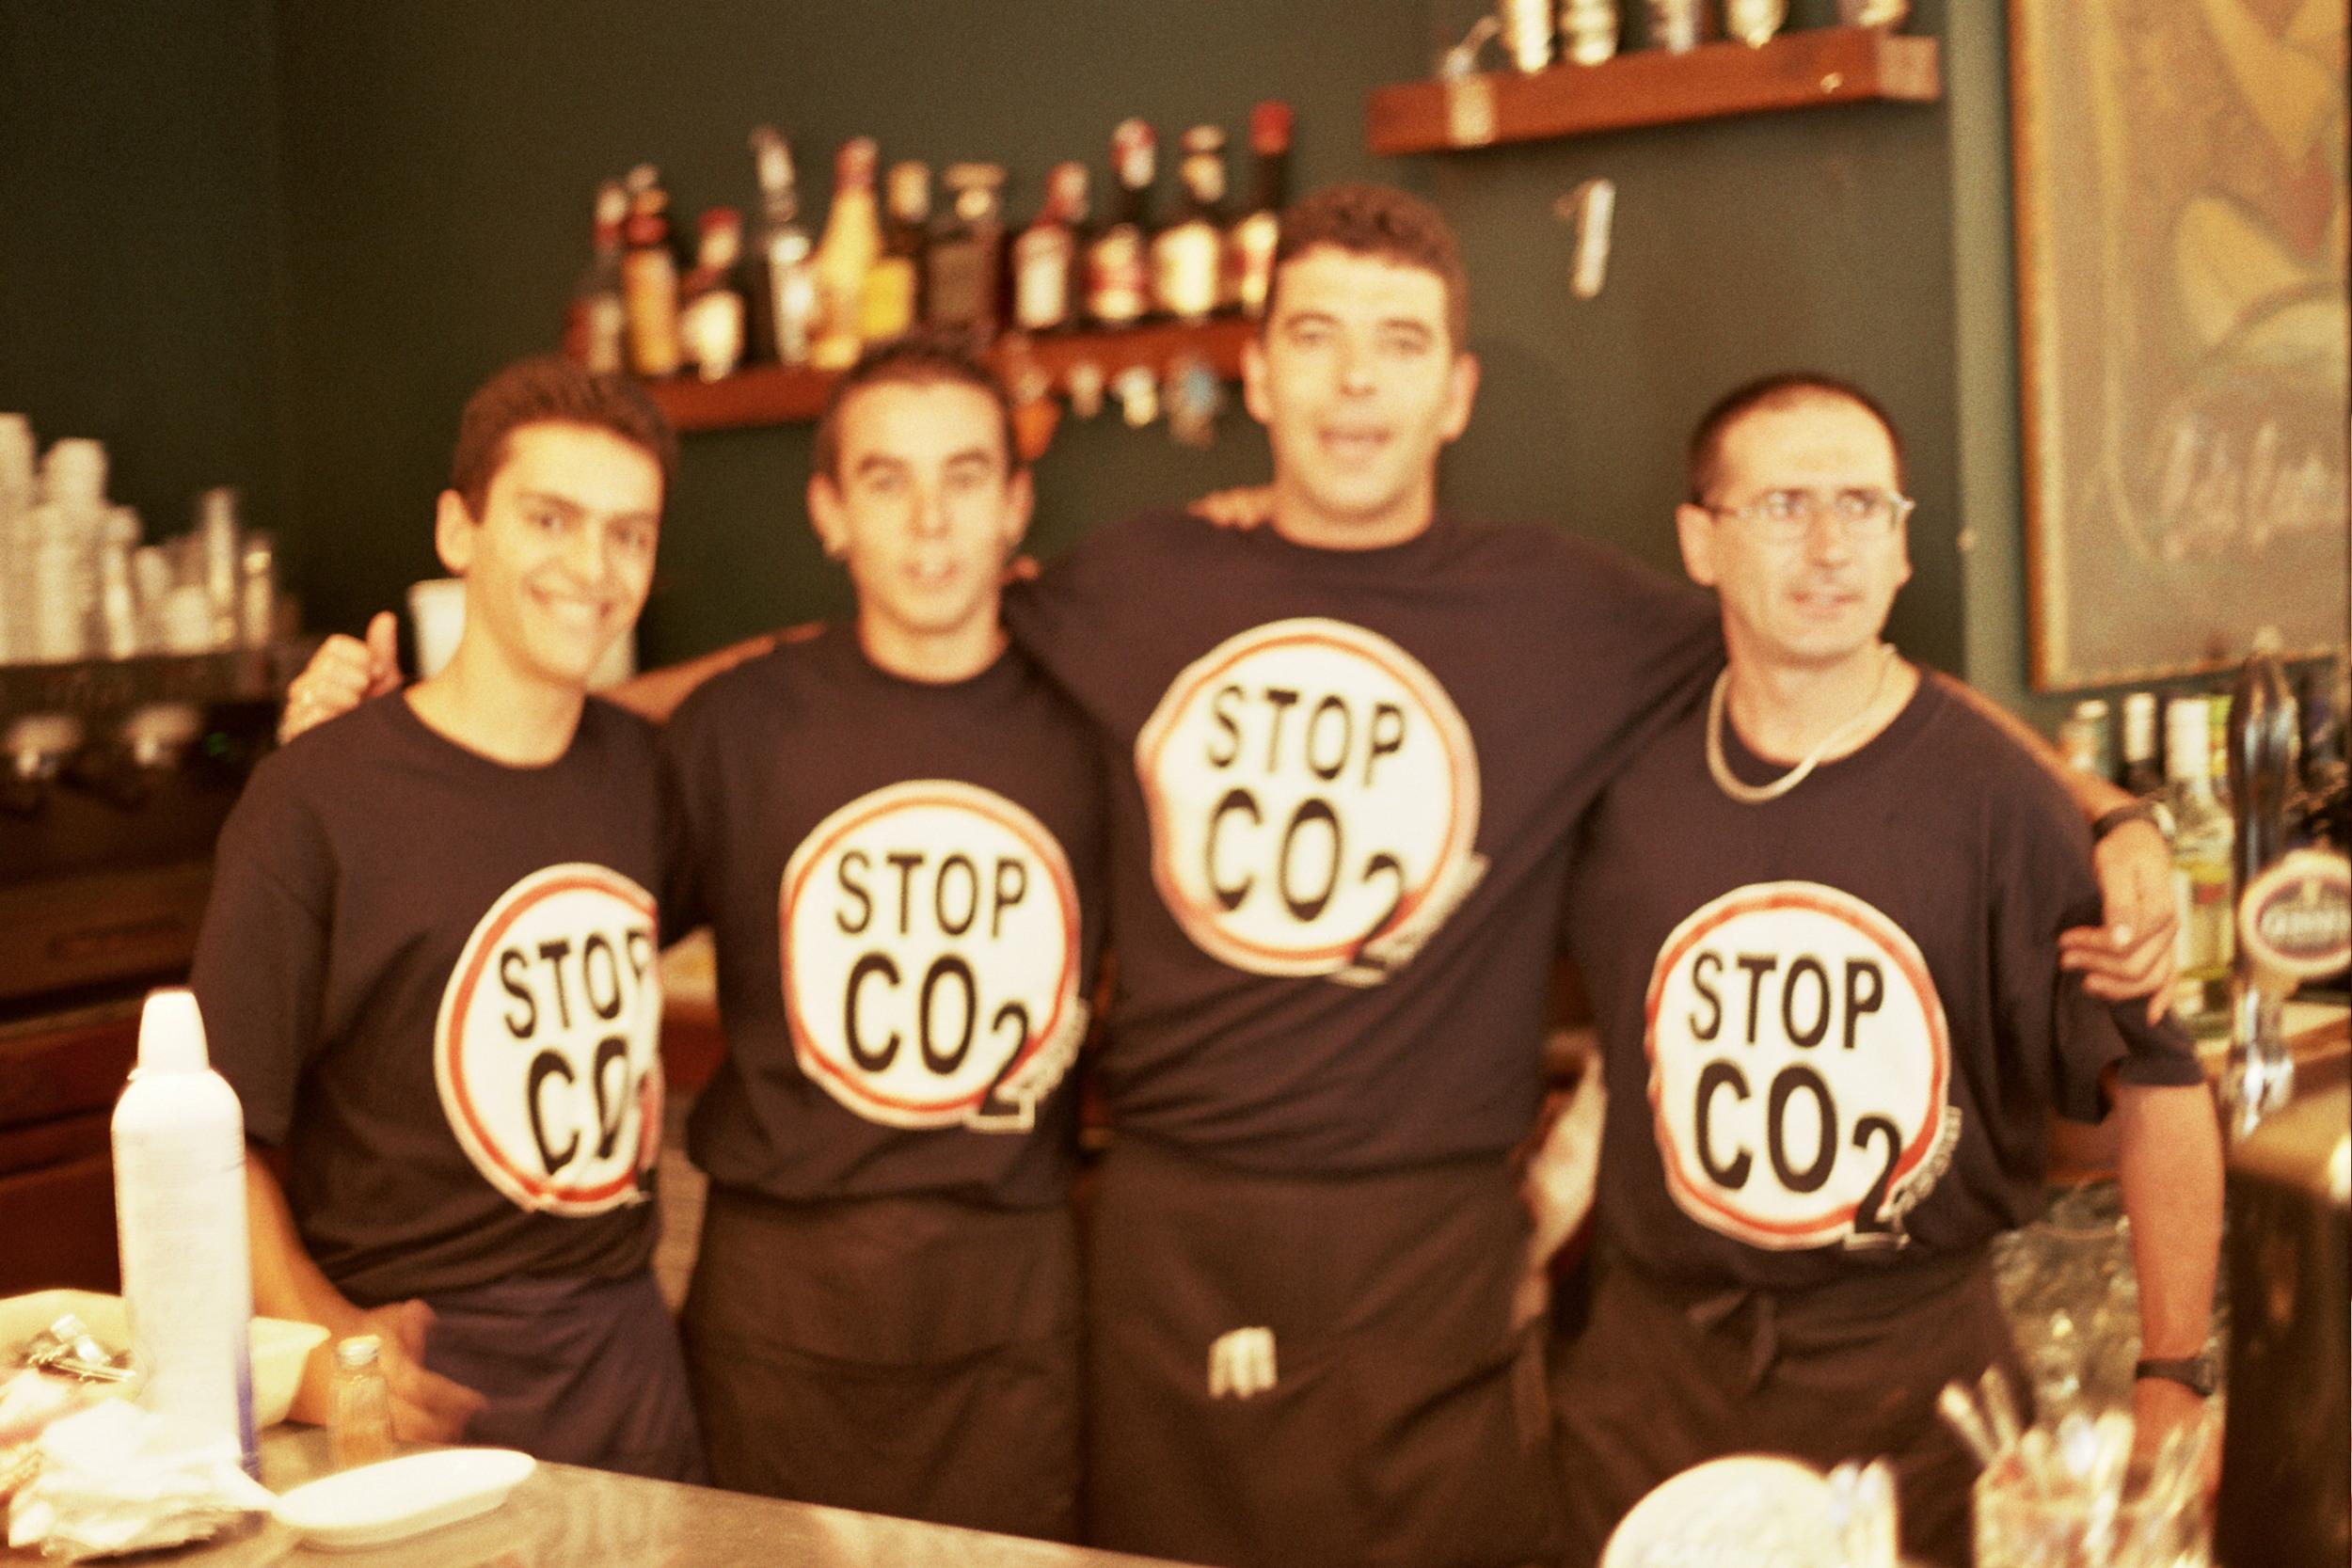 CAFÉ CENTRAL TARIFA STOP CO2